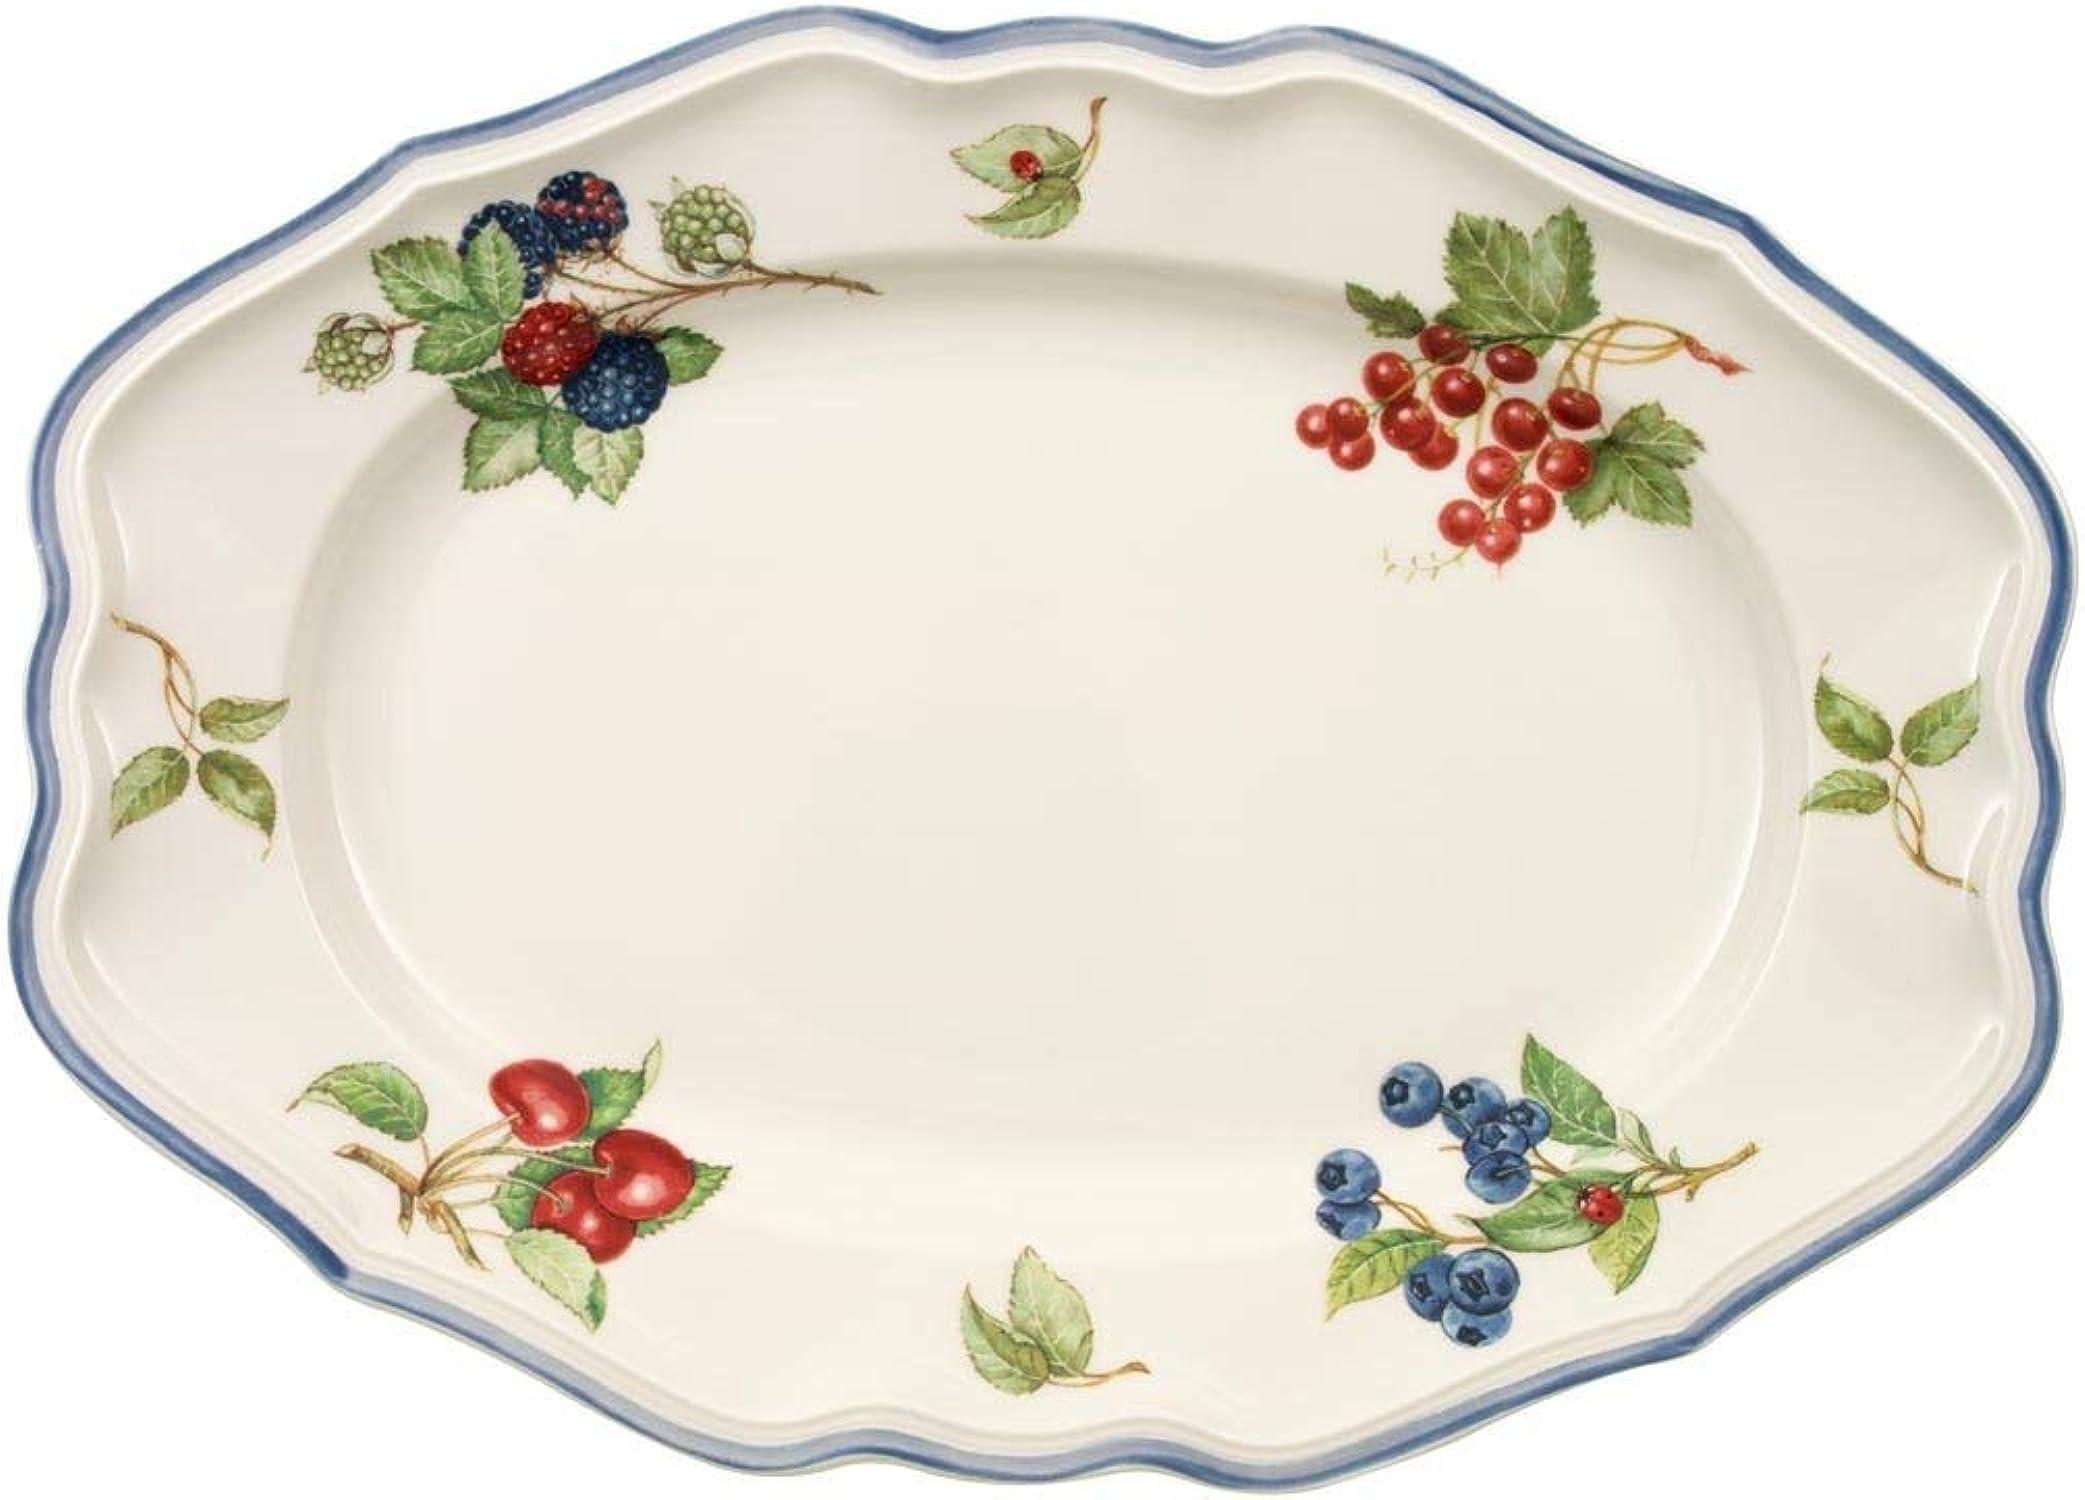 Villeroy & Boch Cottage Plat de service, 37 cm, Porcelaine Premium, Blanc MultiCouleure